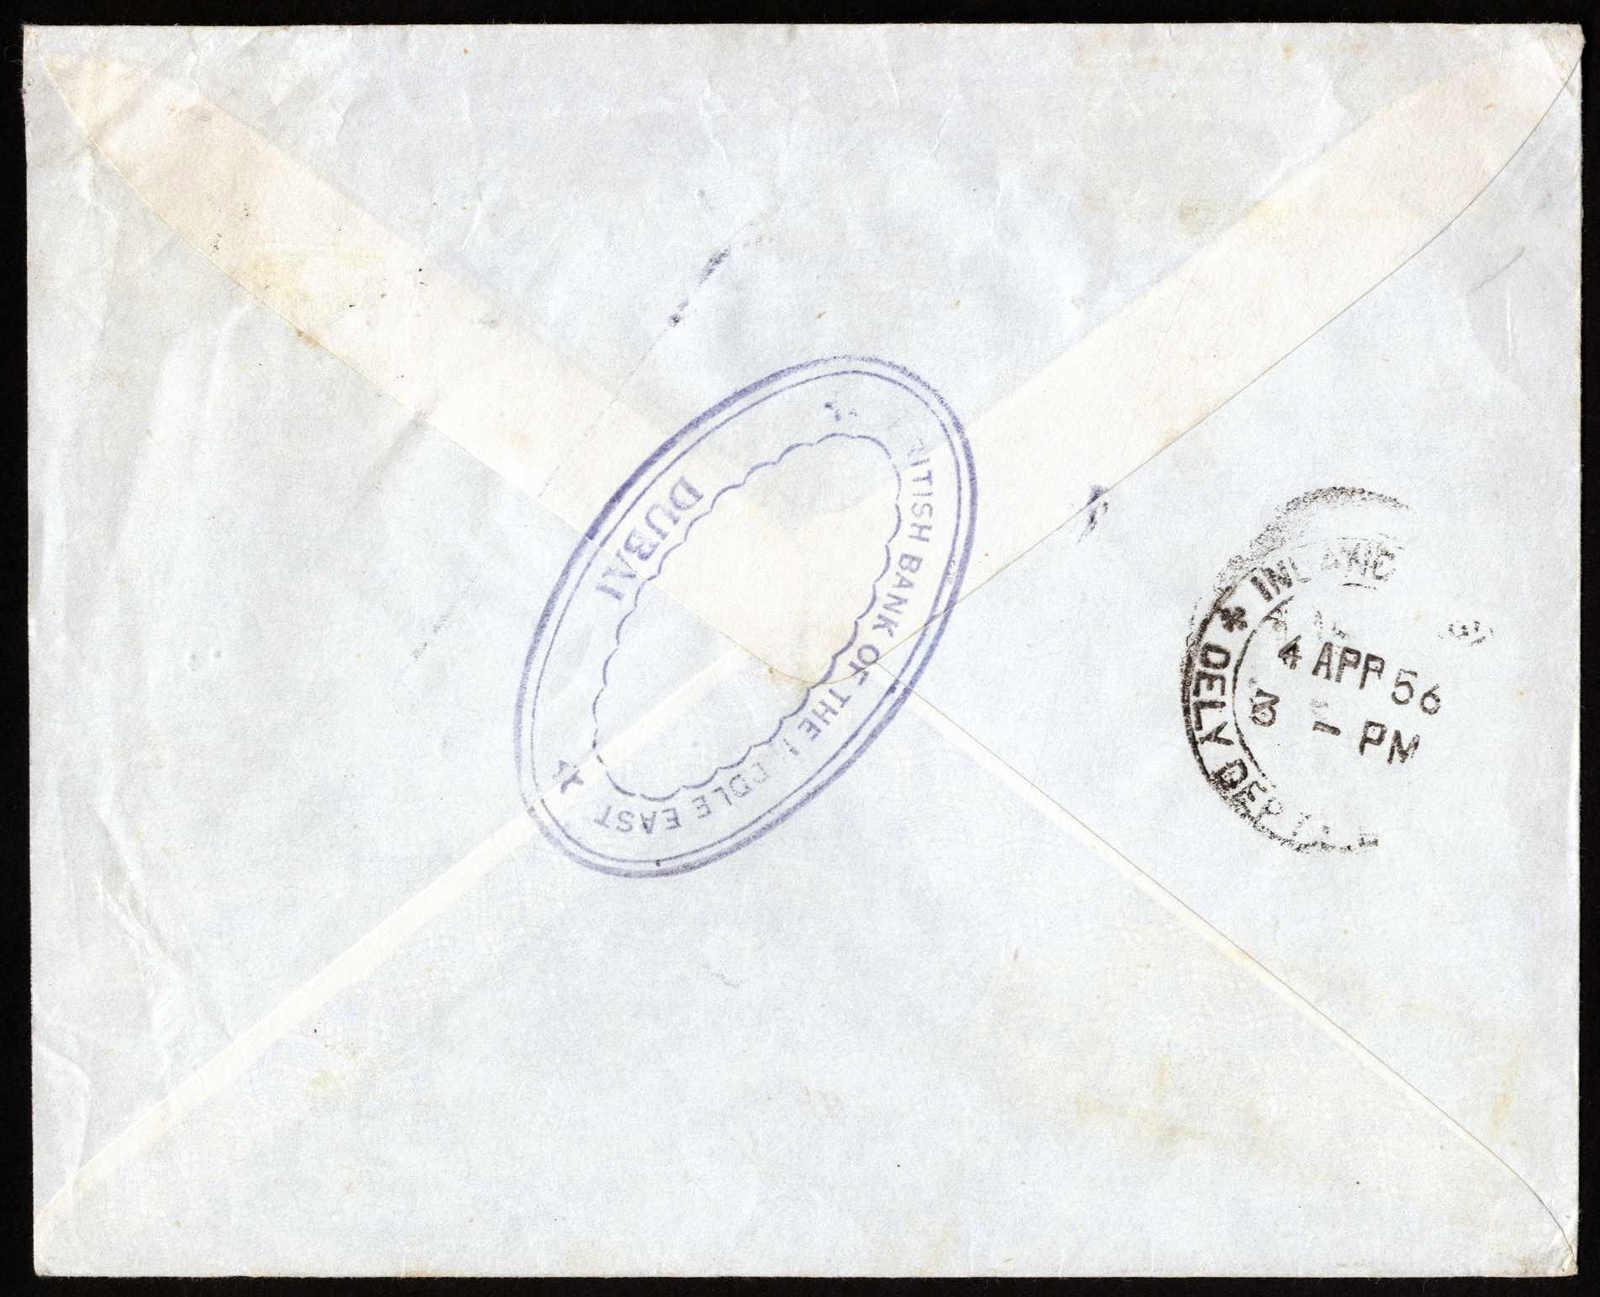 Lot 934 - andere gebiete Oman Britische Periode -  HA HARMERS AUCTIONS S.A. Treasure Hunt 3